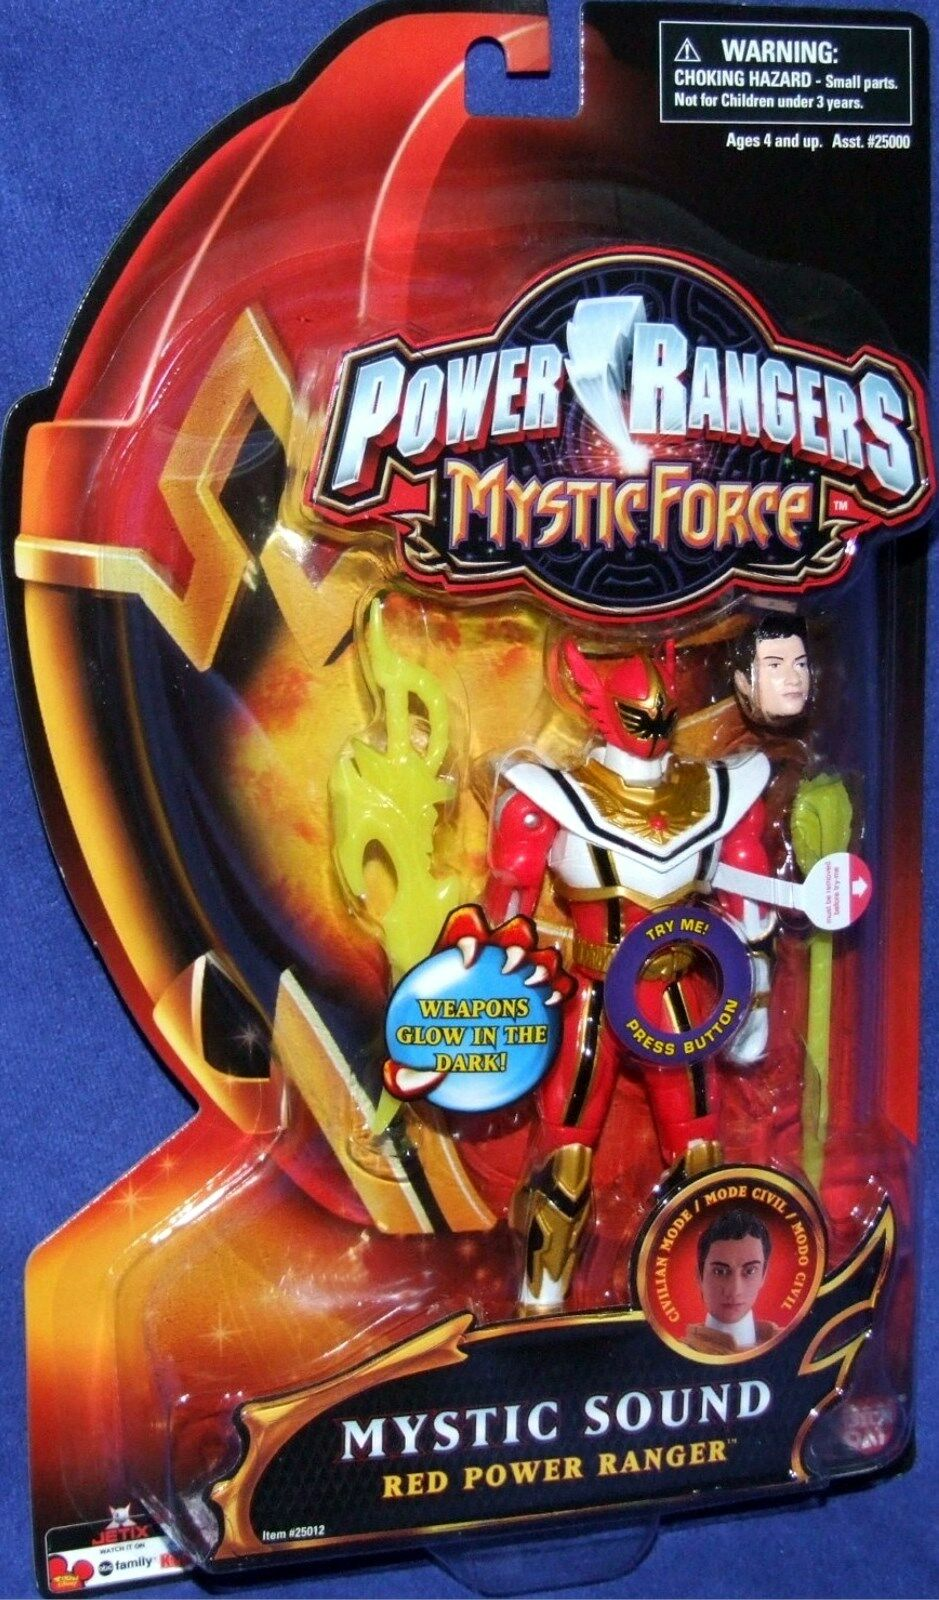 bienvenido a orden Power Rangers Mystic Force 5  Rojo Sonido Ranger Fábrica Fábrica Fábrica Sellado Nuevo 2006  barato en alta calidad